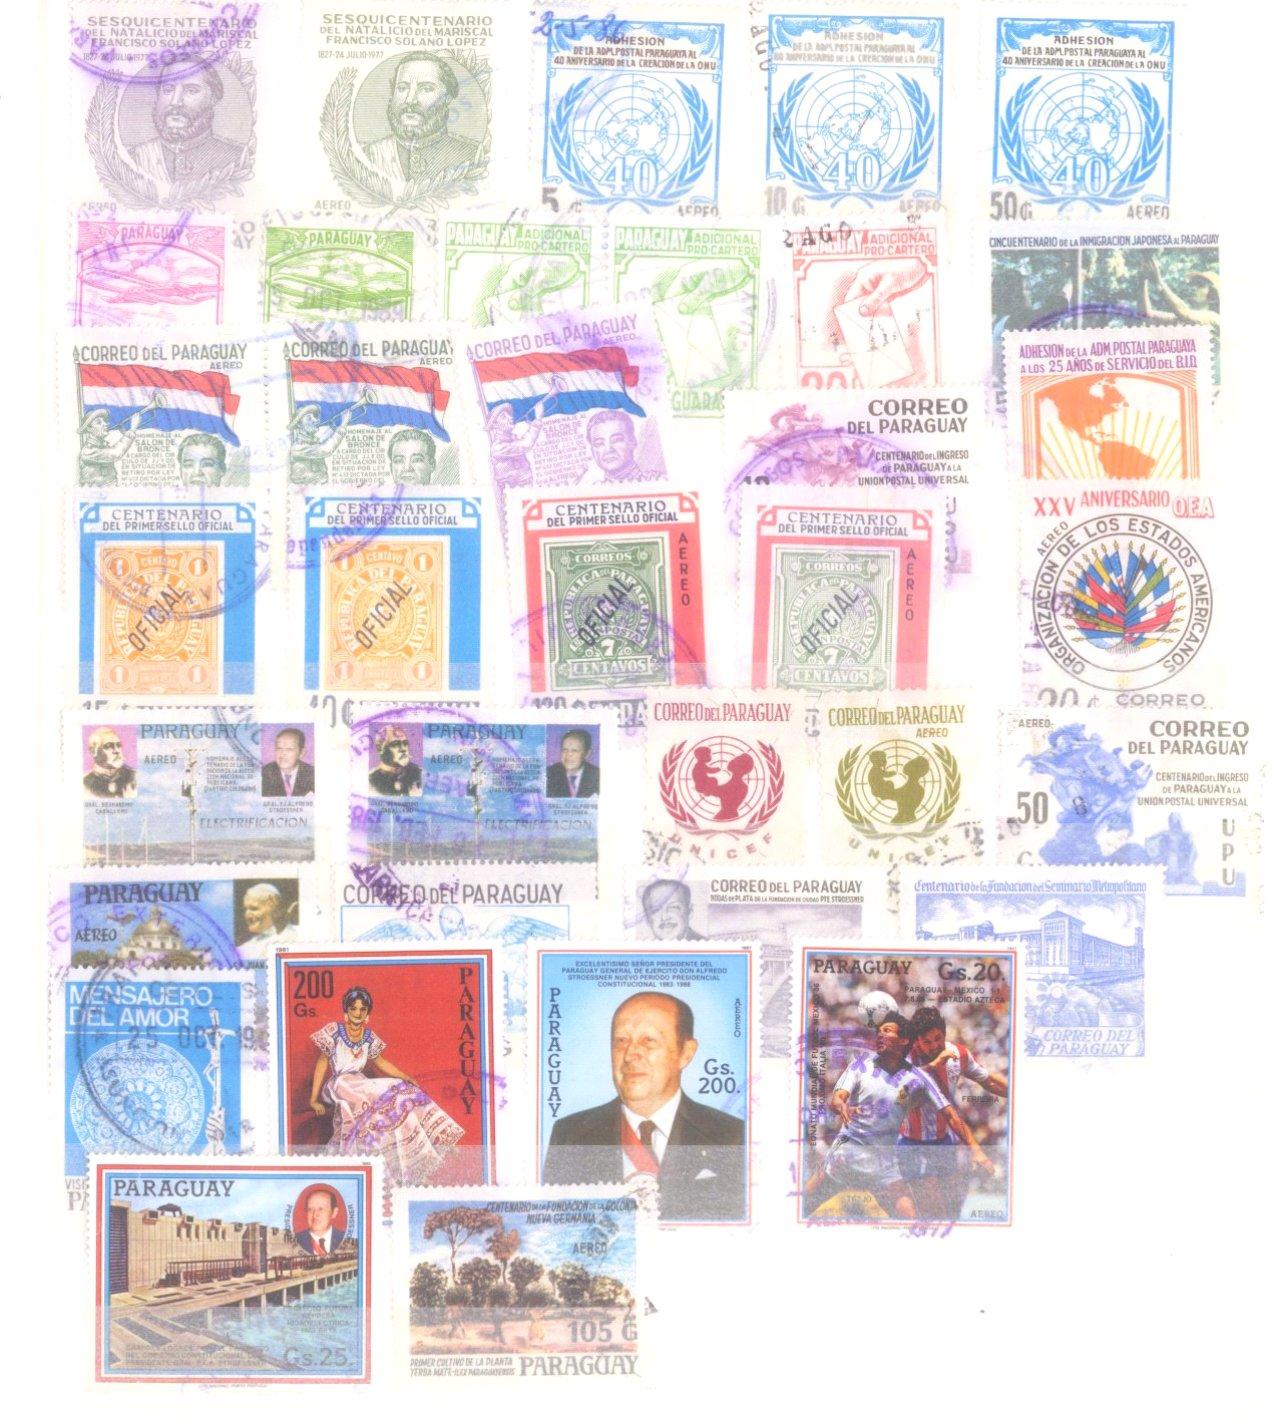 Kleine Sammlung Deutsches Reich, Bund, Alle Welt, DDR